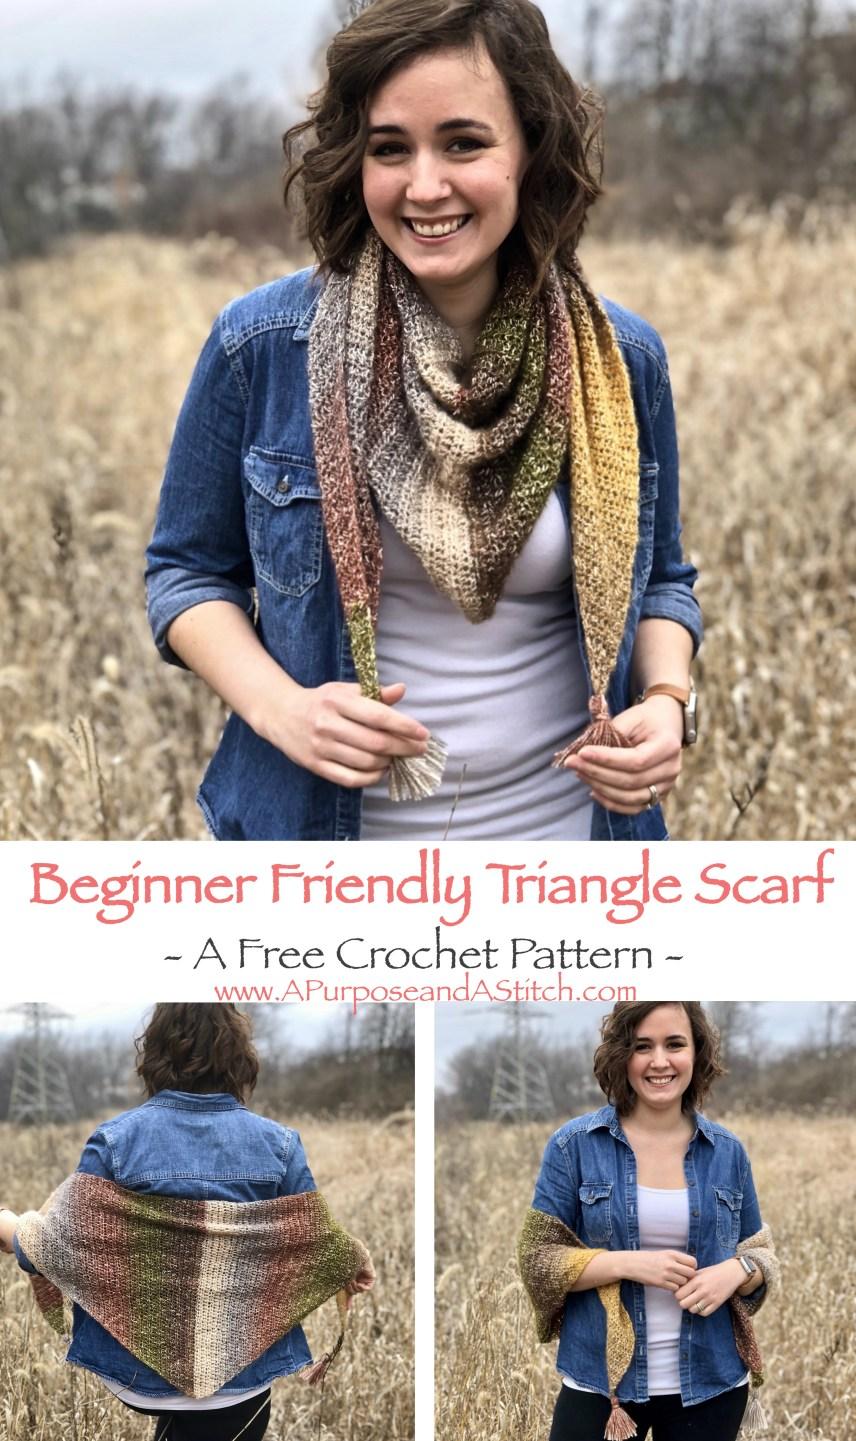 Beginner Friendly Triangle Scarf